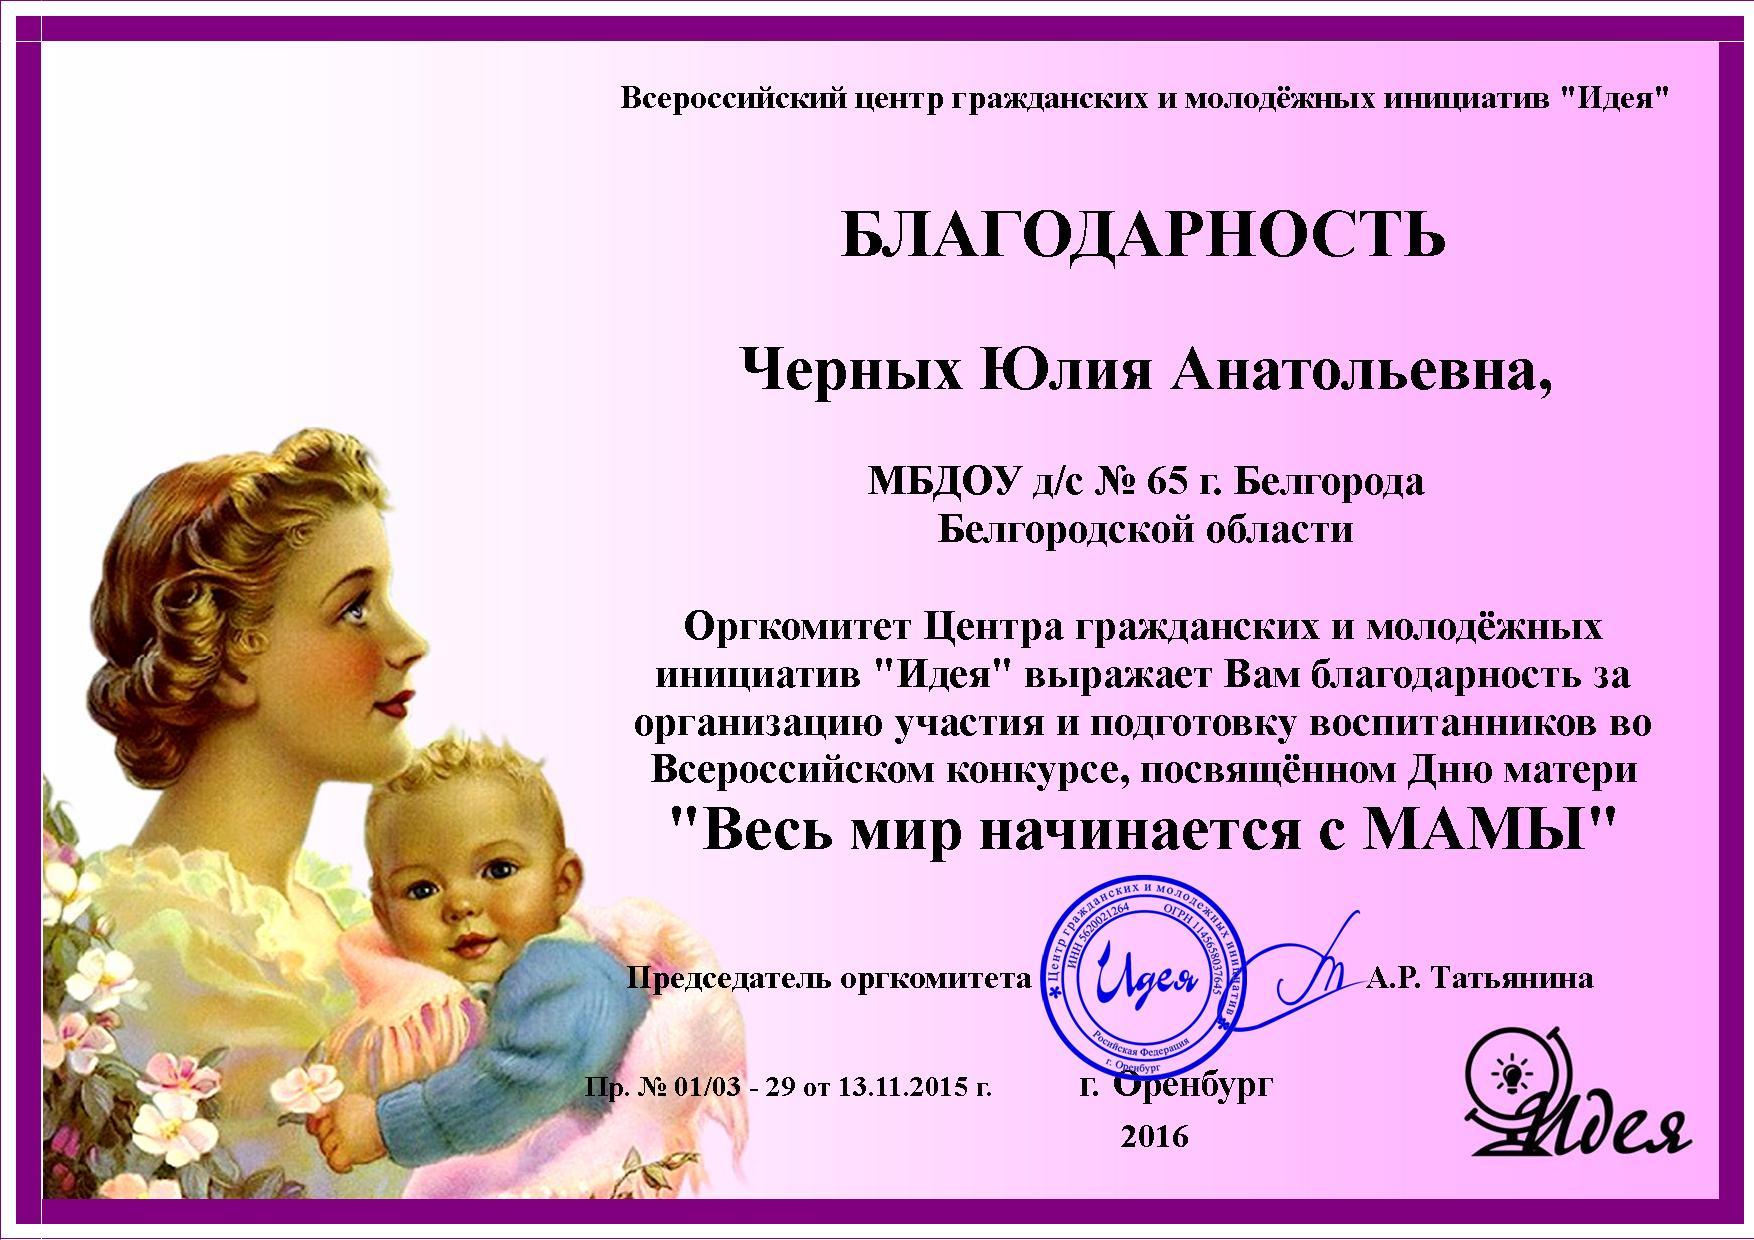 Благодарственное письмо-Черных Юлия Анатольевна-64587